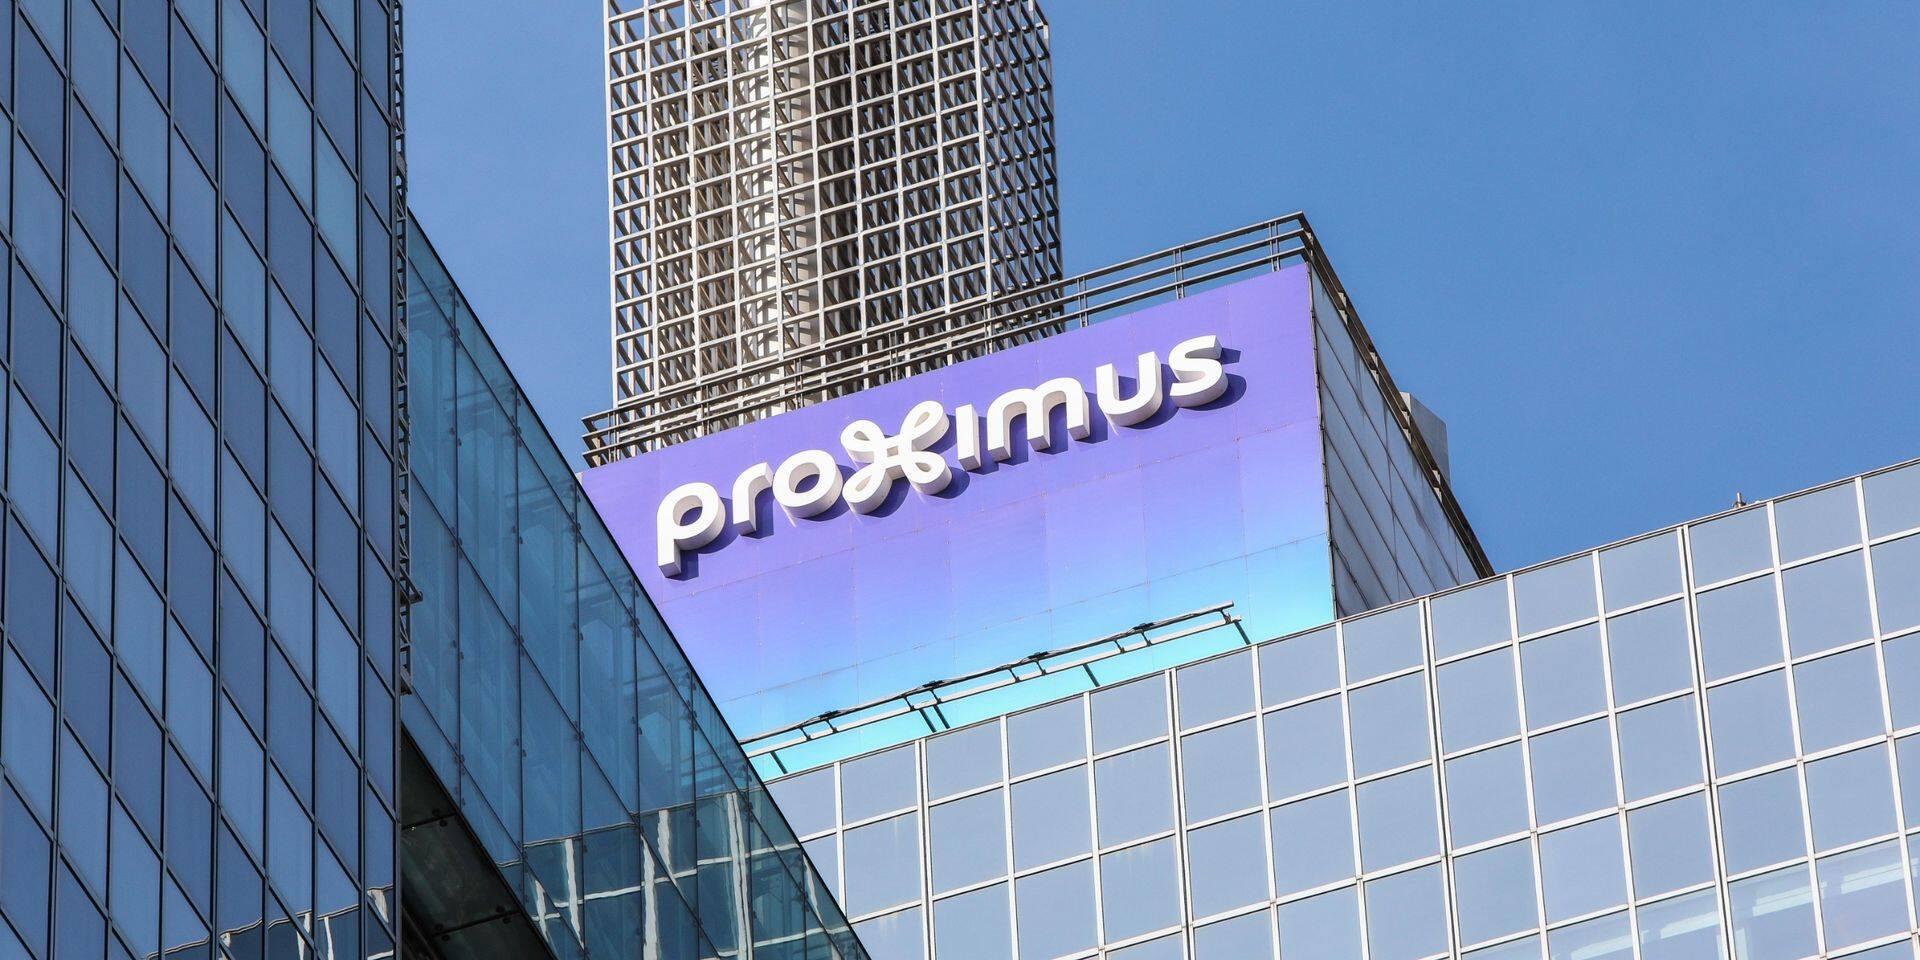 Réductions, offre data, téléchargements...: Proximus annonce des mesures de solidarité dans la foulée de ses résultats financiers